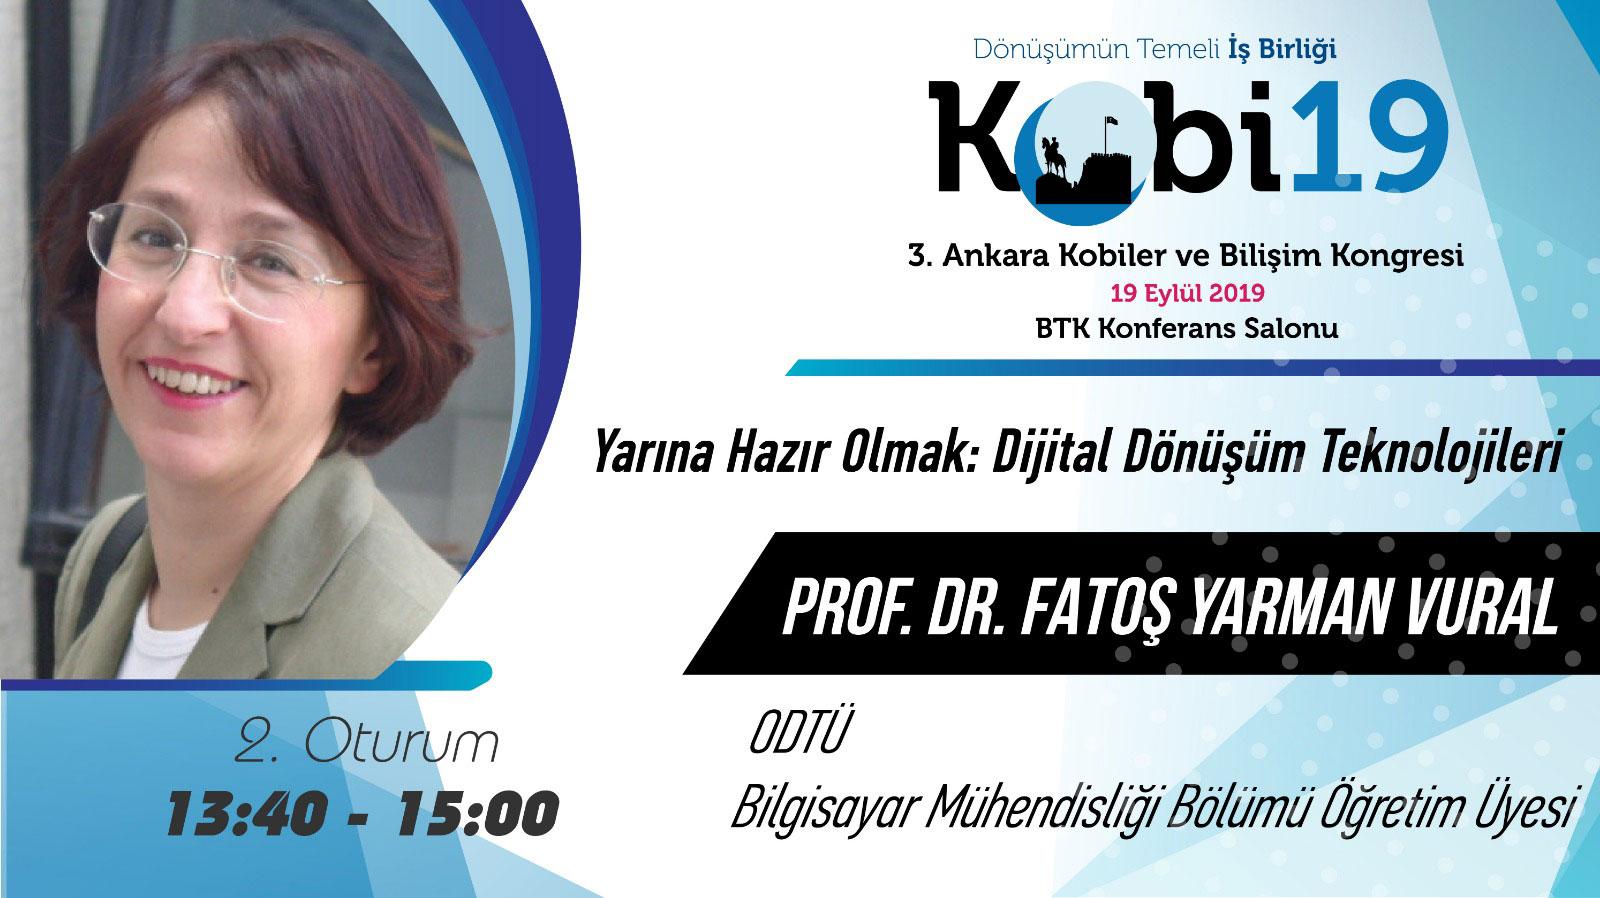 Prof. Dr. Fatoş Yarman Vural - 3. Ankara Kobiler ve Bilişim Kongresi 2019